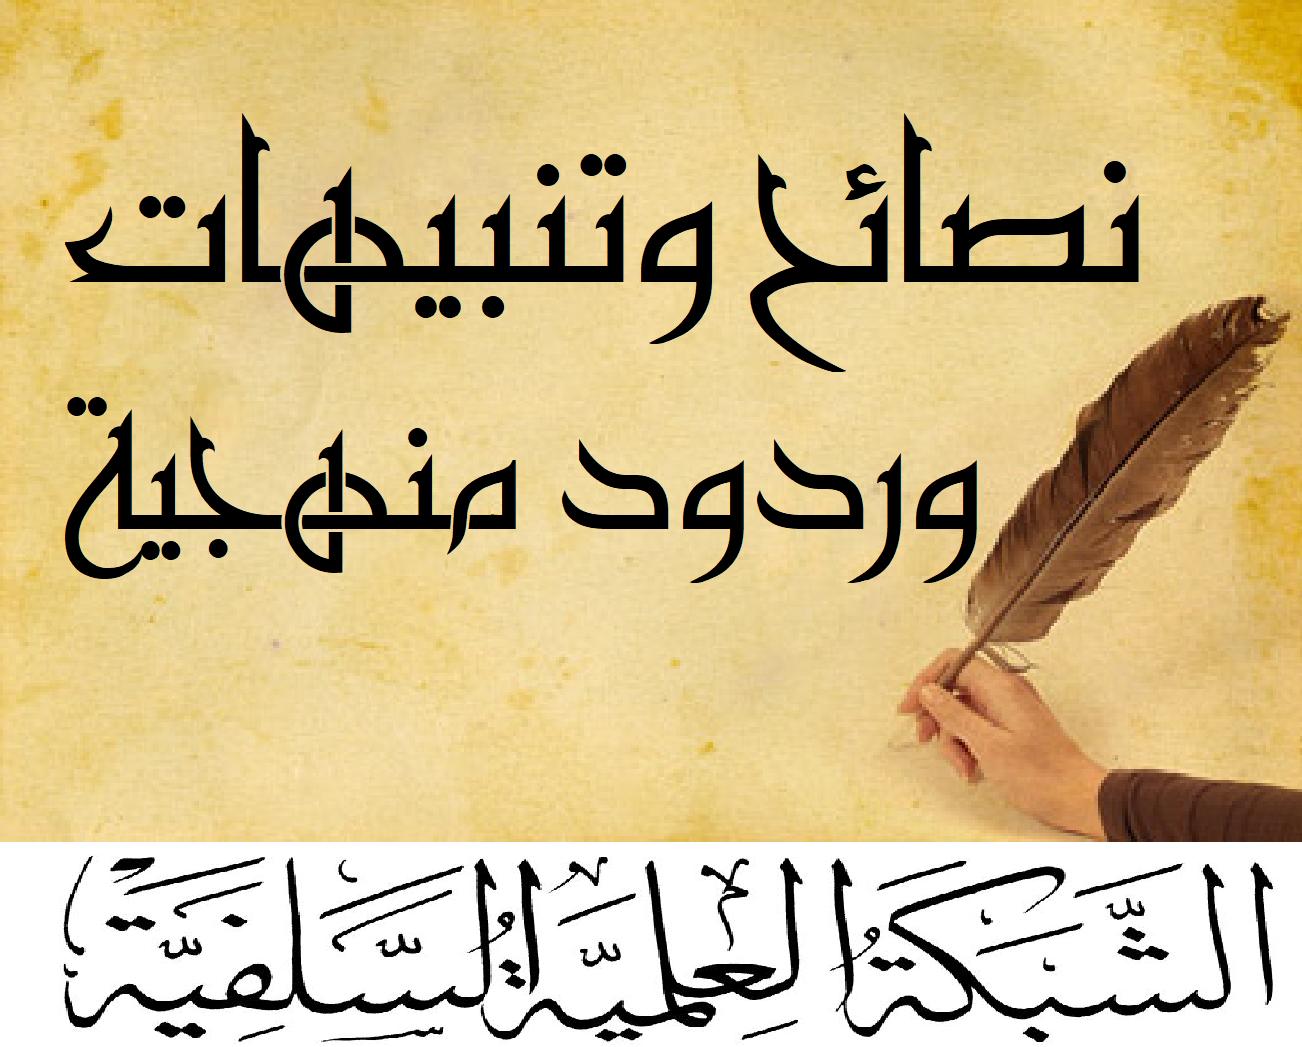 كلمة قصيرة أُلقيت بين يدي شيخنا الناصح الأمين عند زيارته لدار الحديث بدماج ربيع أول1432هـ